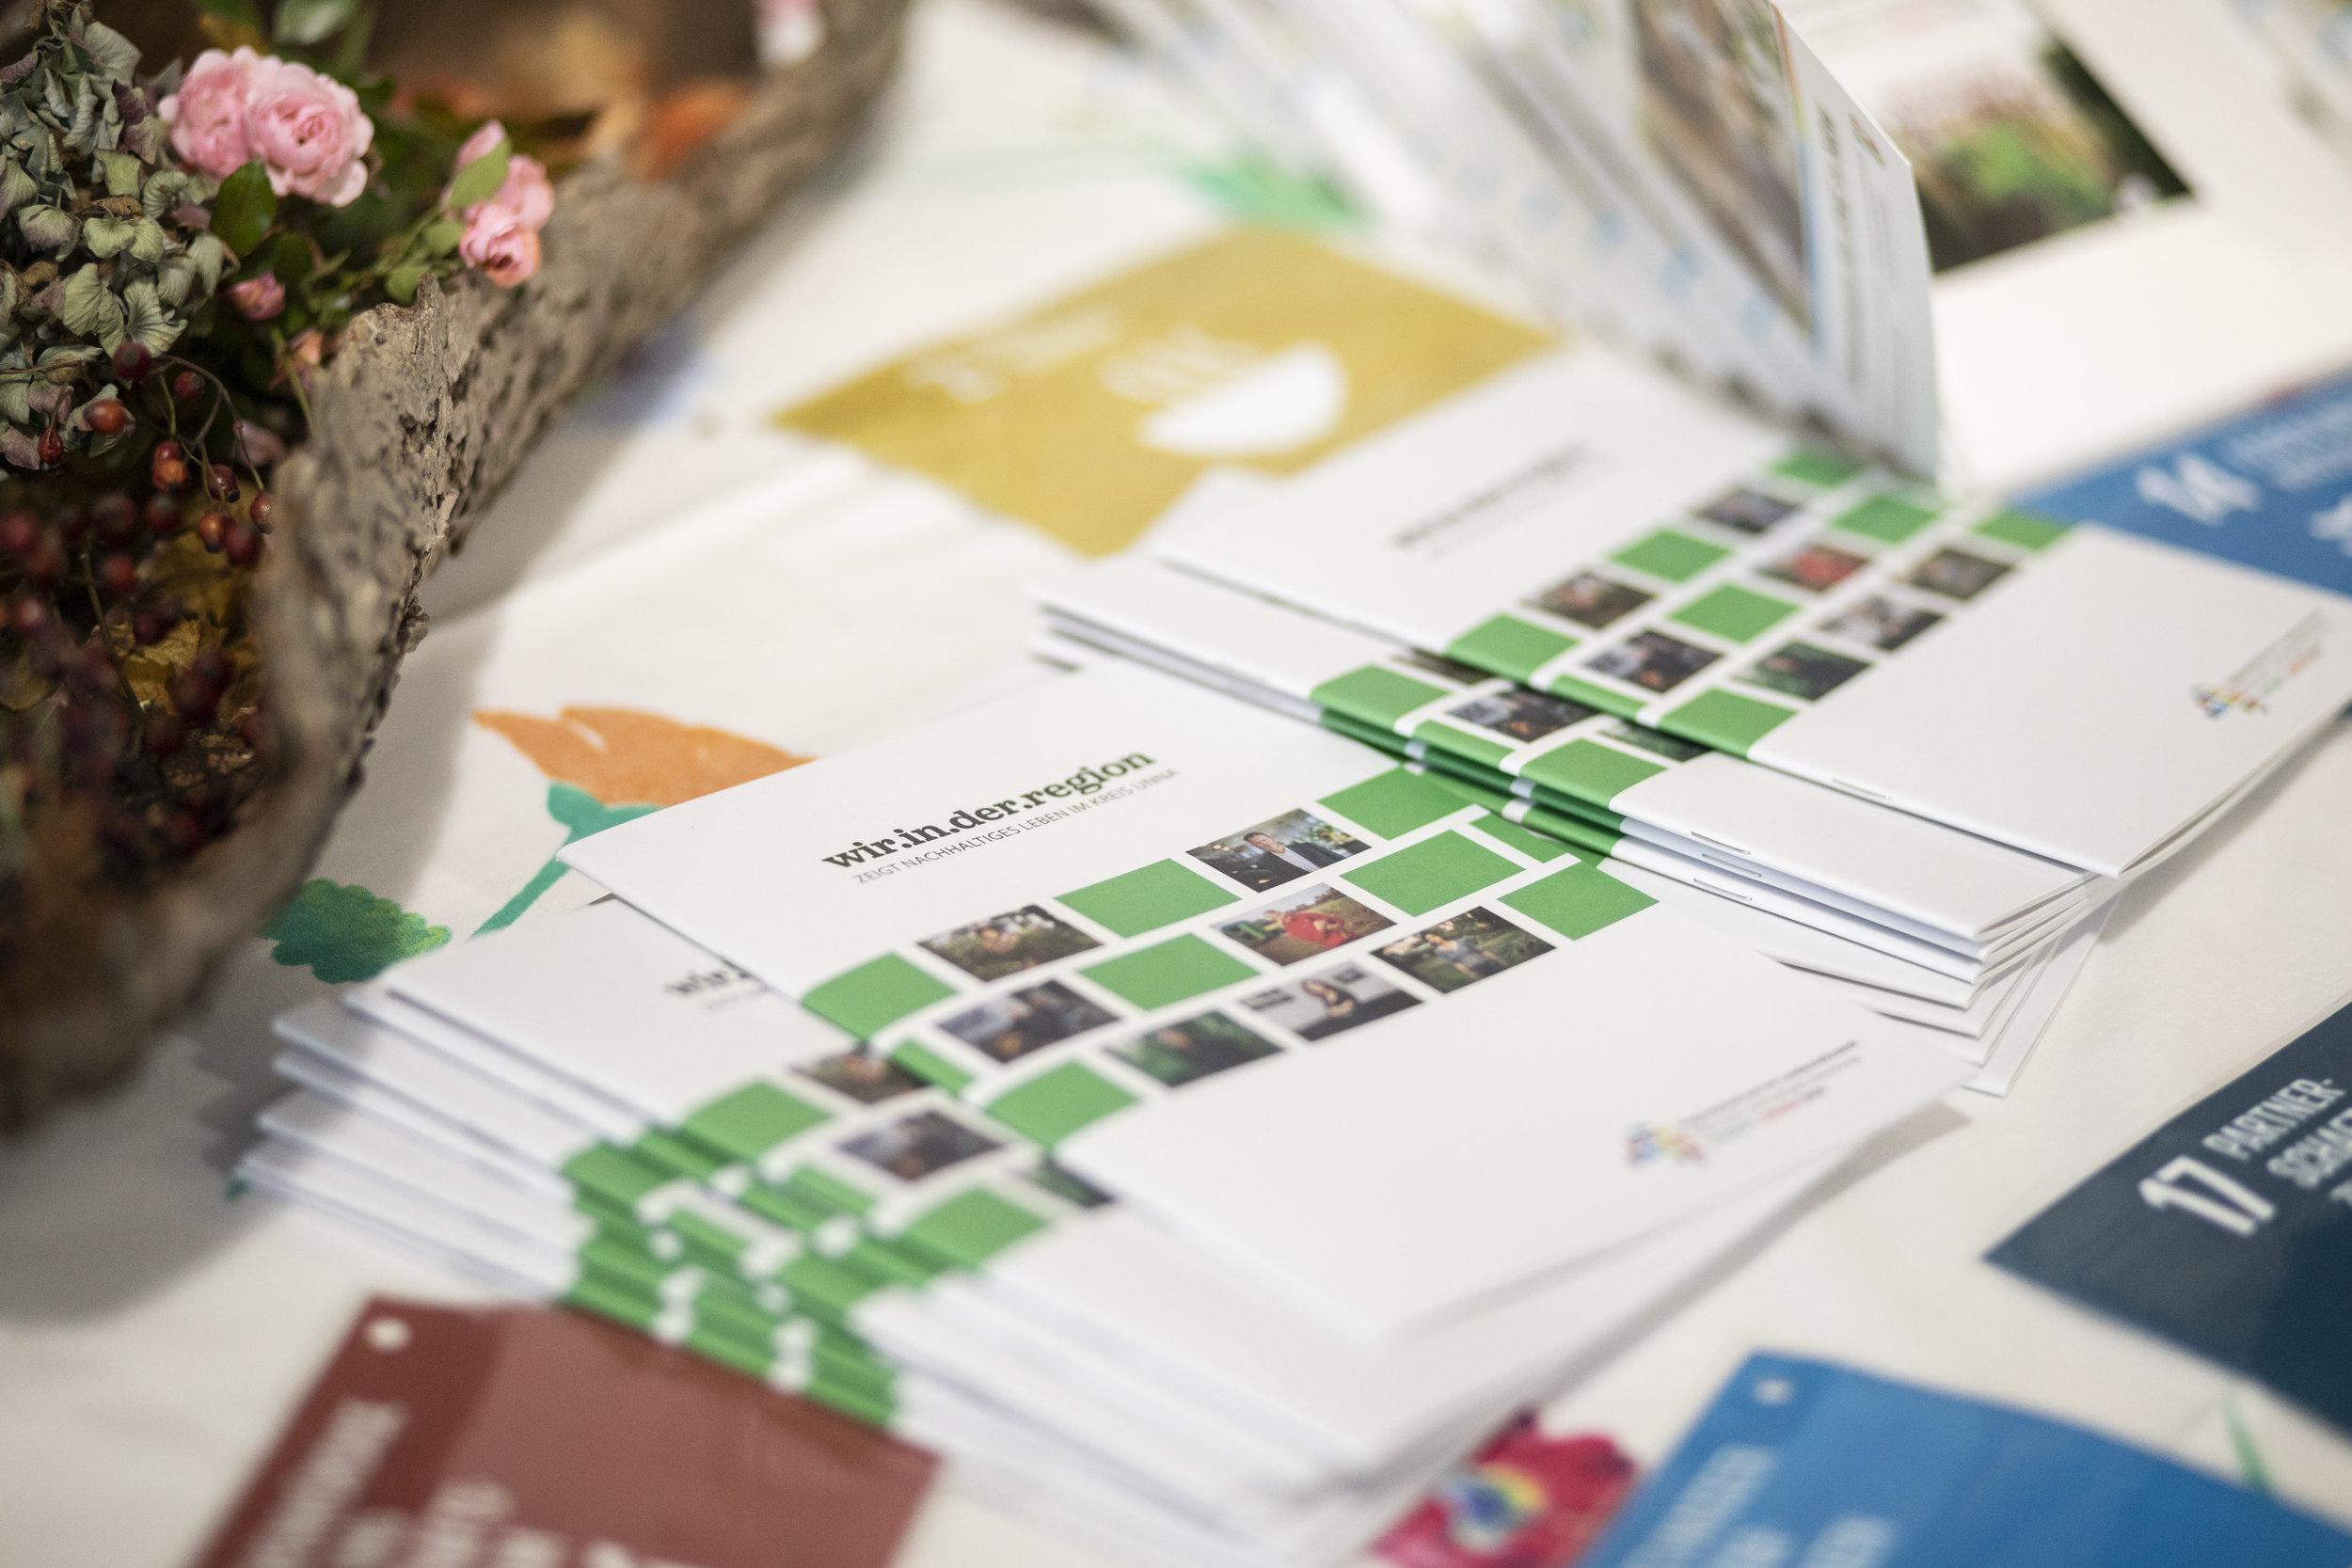 Die Broschüre zum Projekt wir.in.der.region